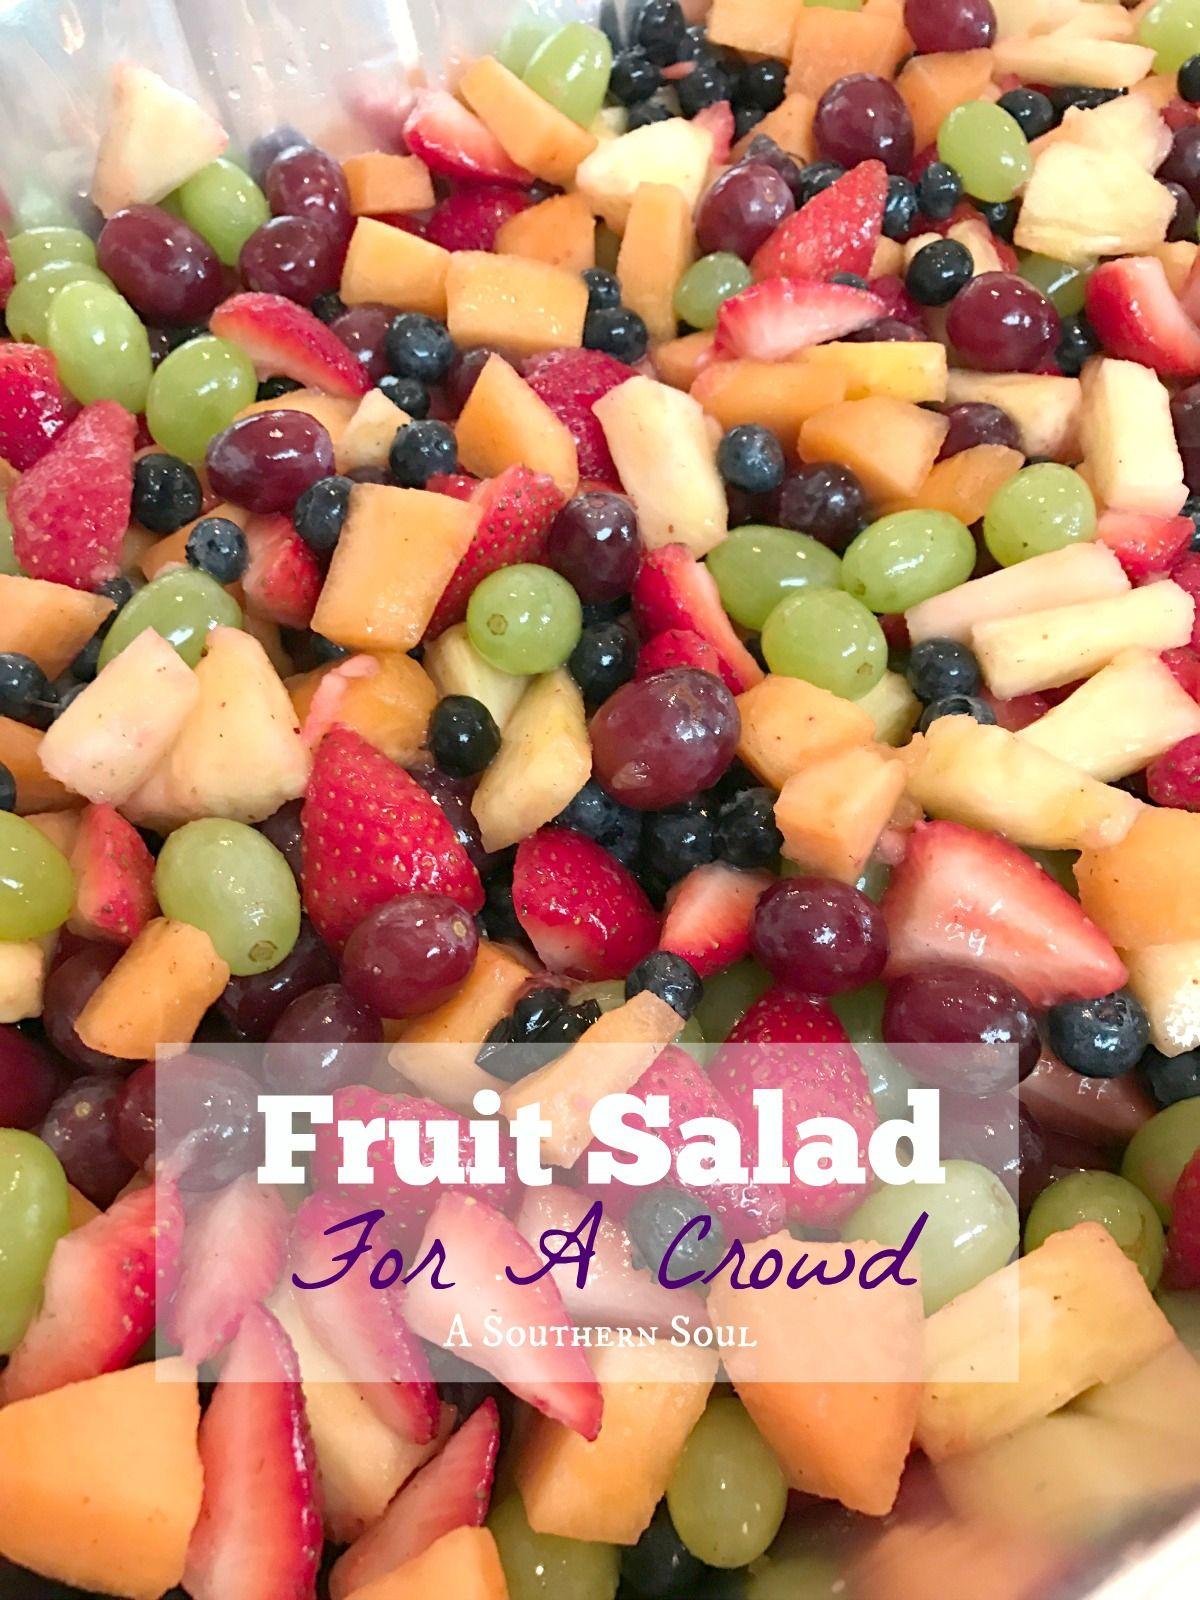 gyümölcs saláta receptek a has vékonyításáhozik